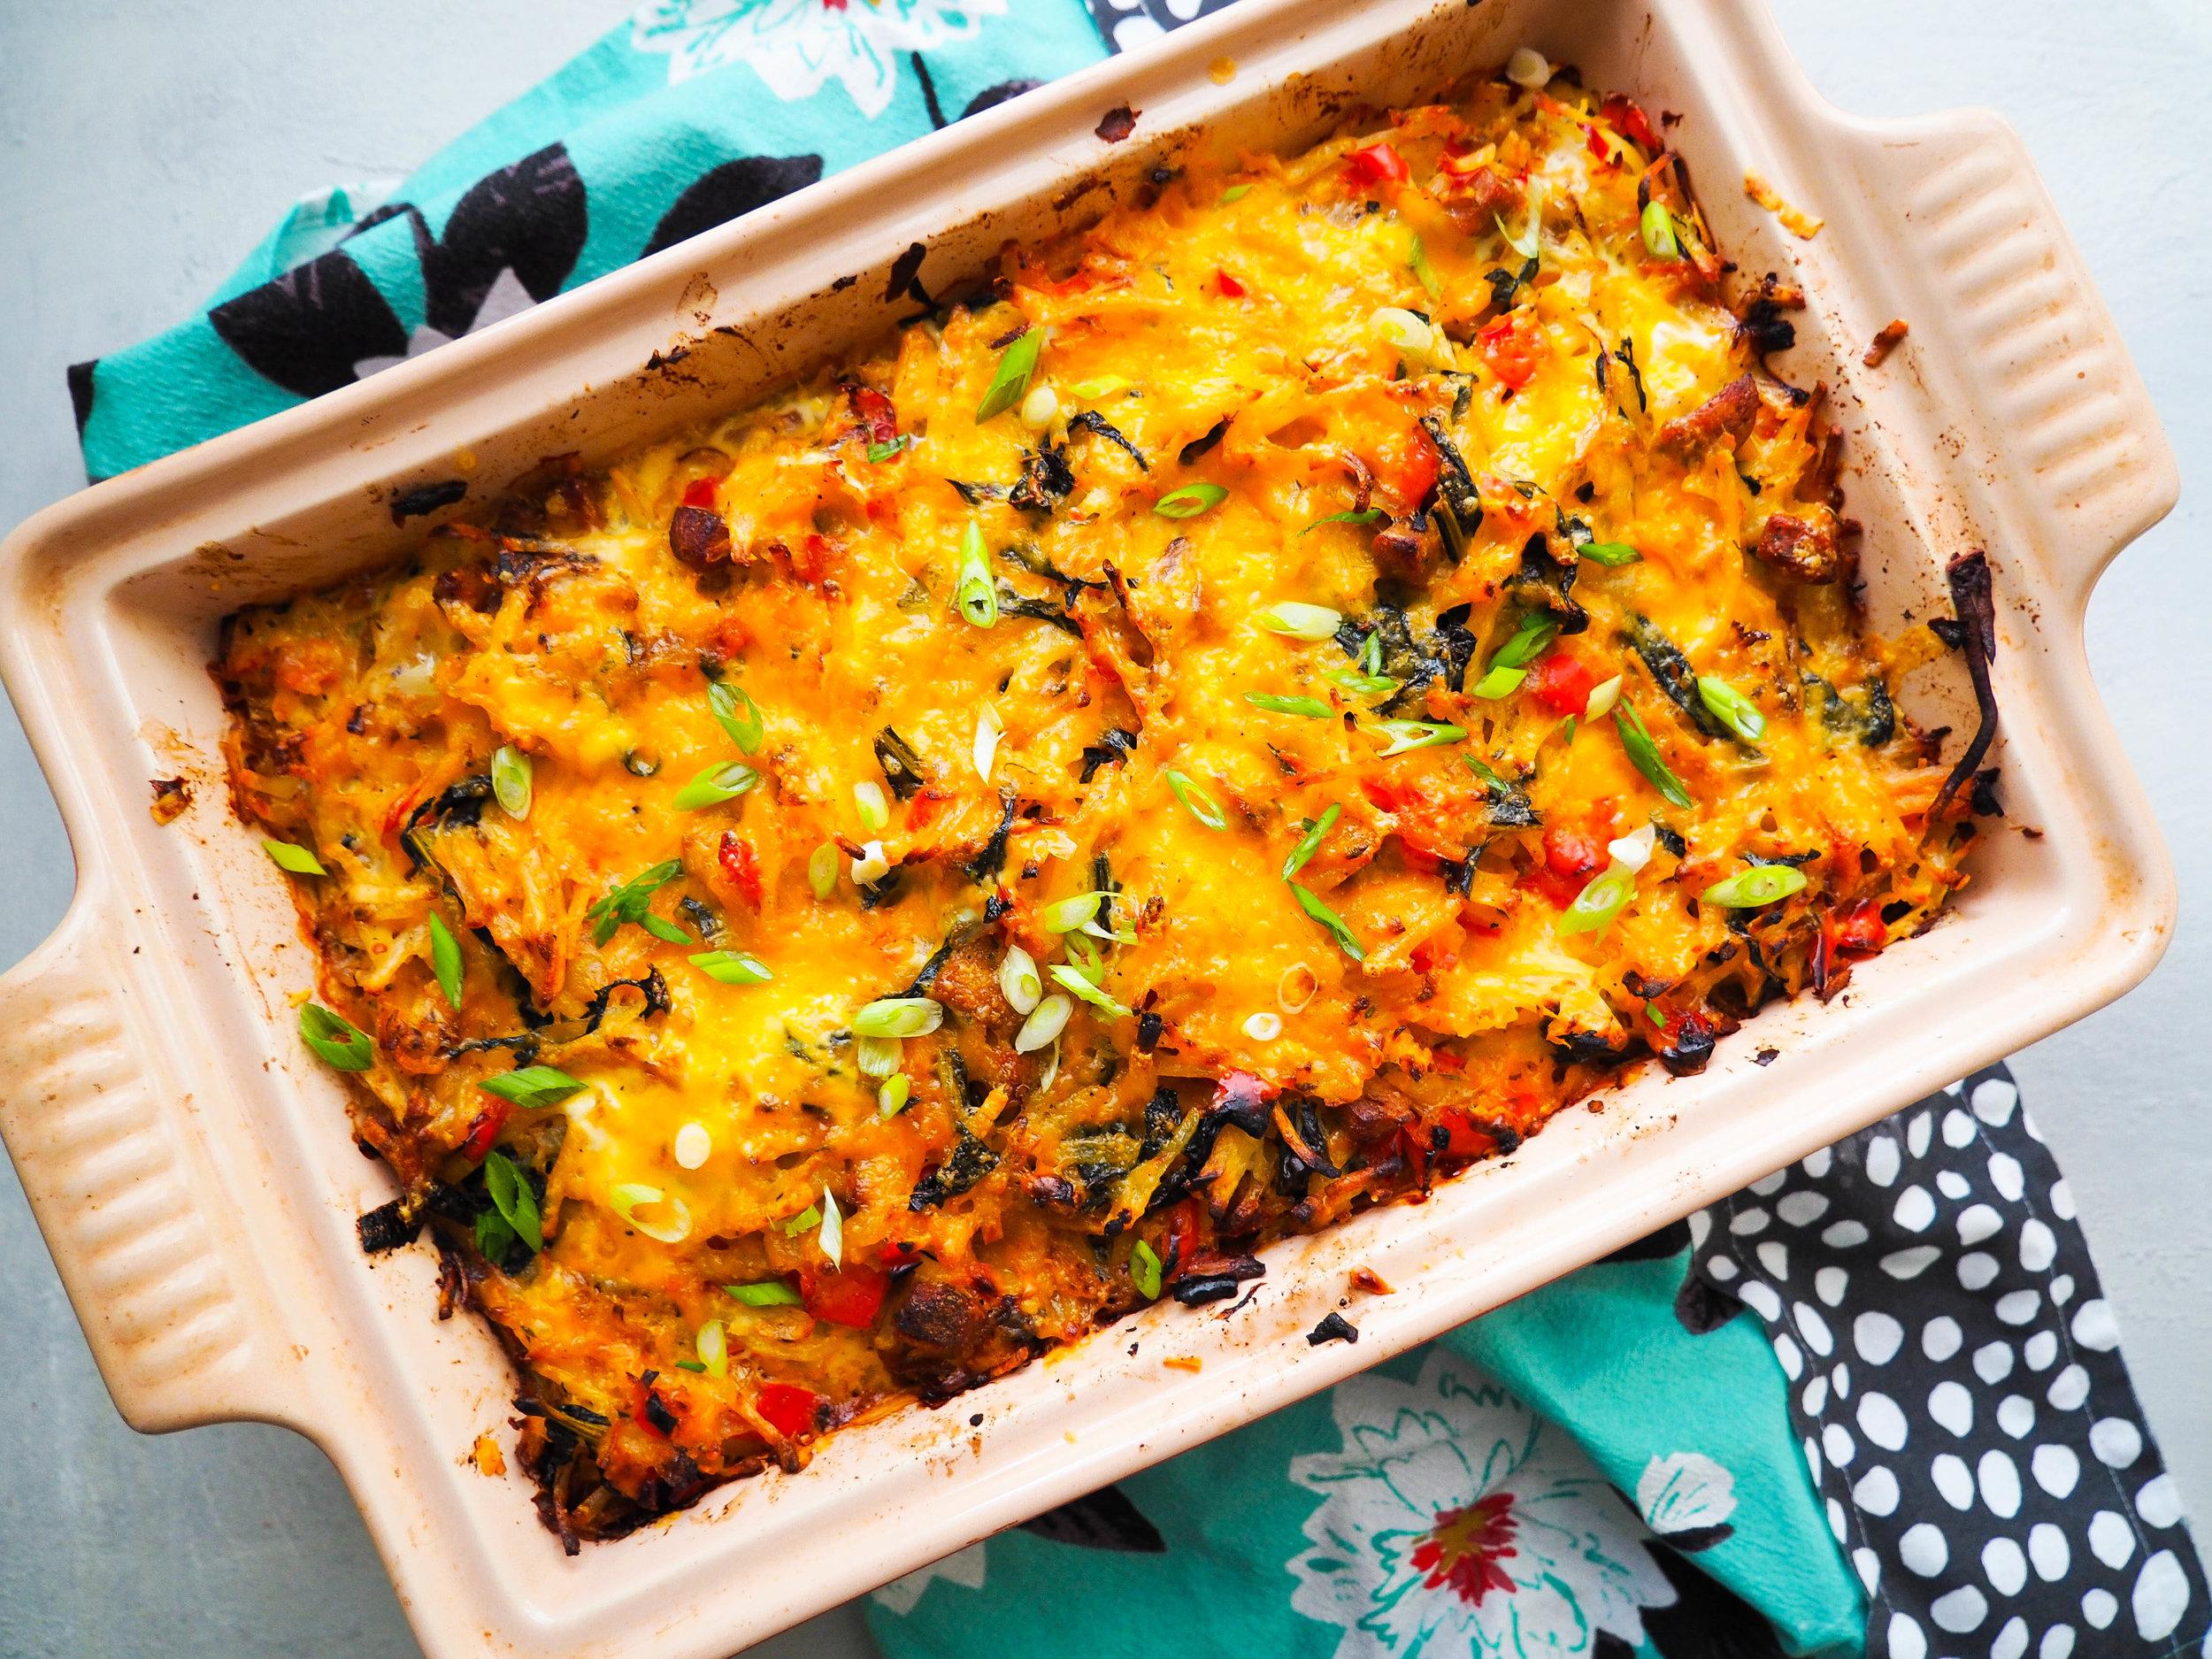 hash-brown-breakfast-casserole-peppers-kale-1.jpg